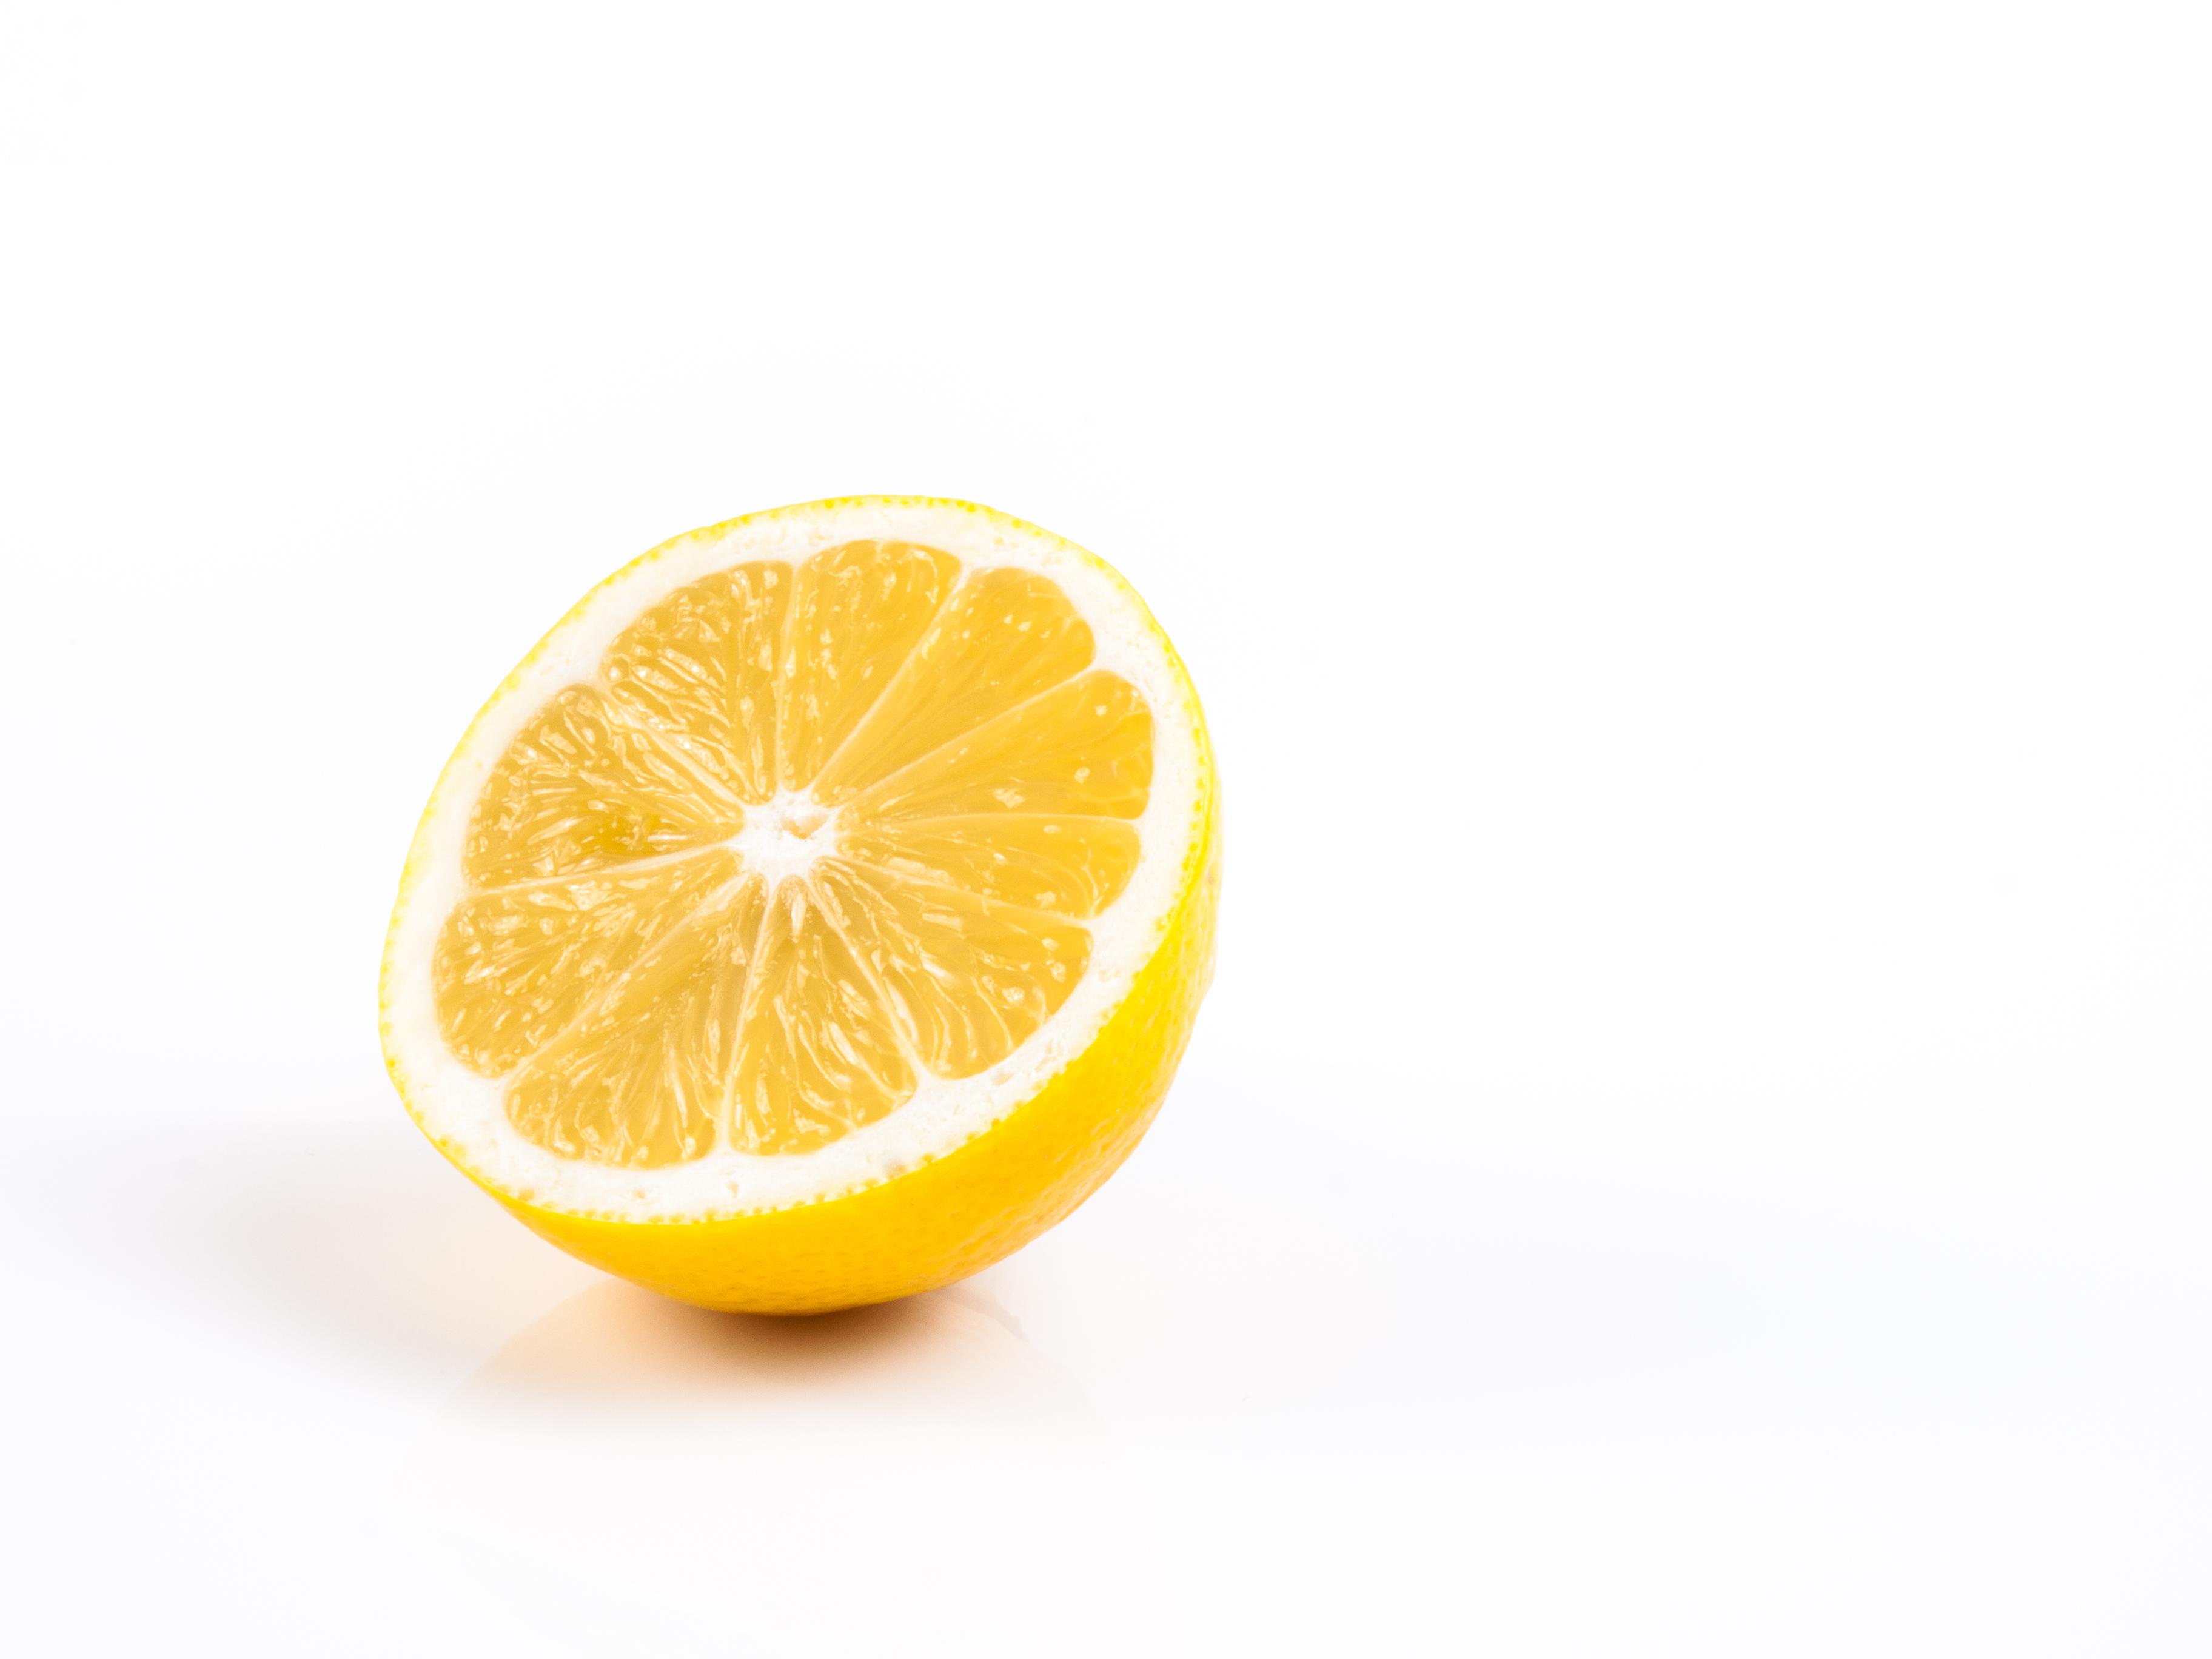 File:Lemon (11782413744).jpg - Wikimedia Commons